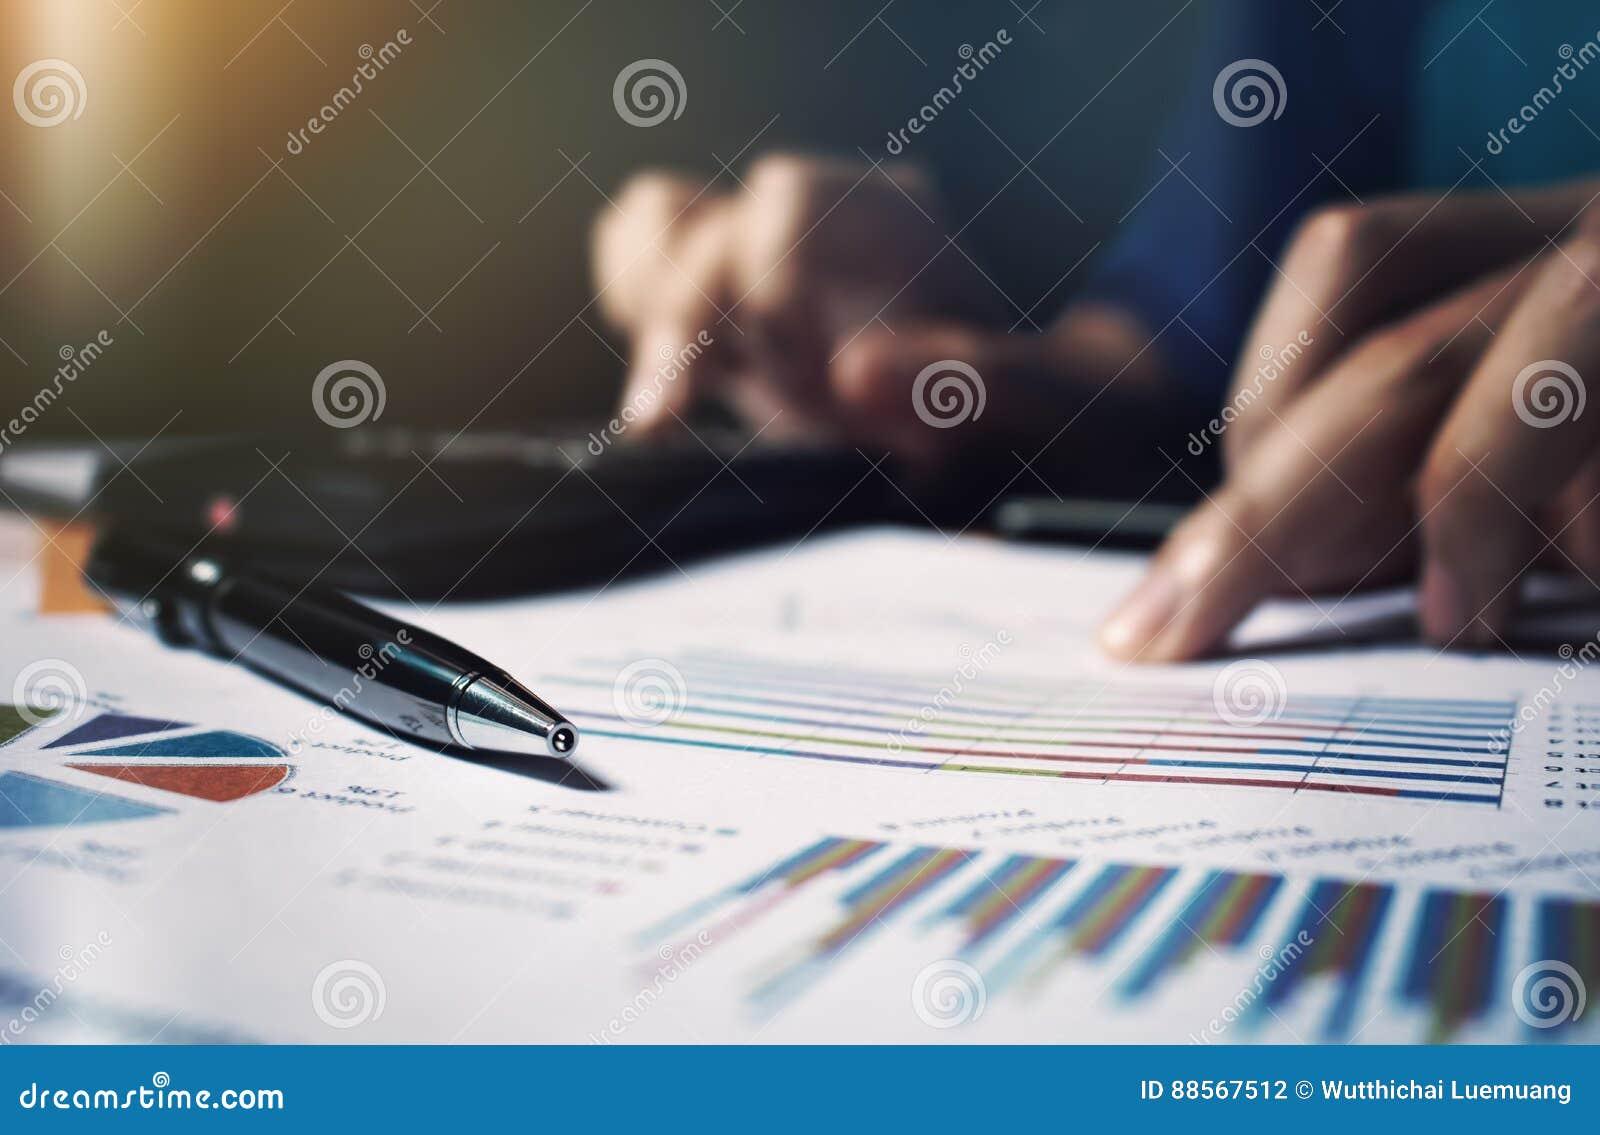 Zakończenia up pióro na papierkowej robocie i kobiety ręka kalkulujemy finanse